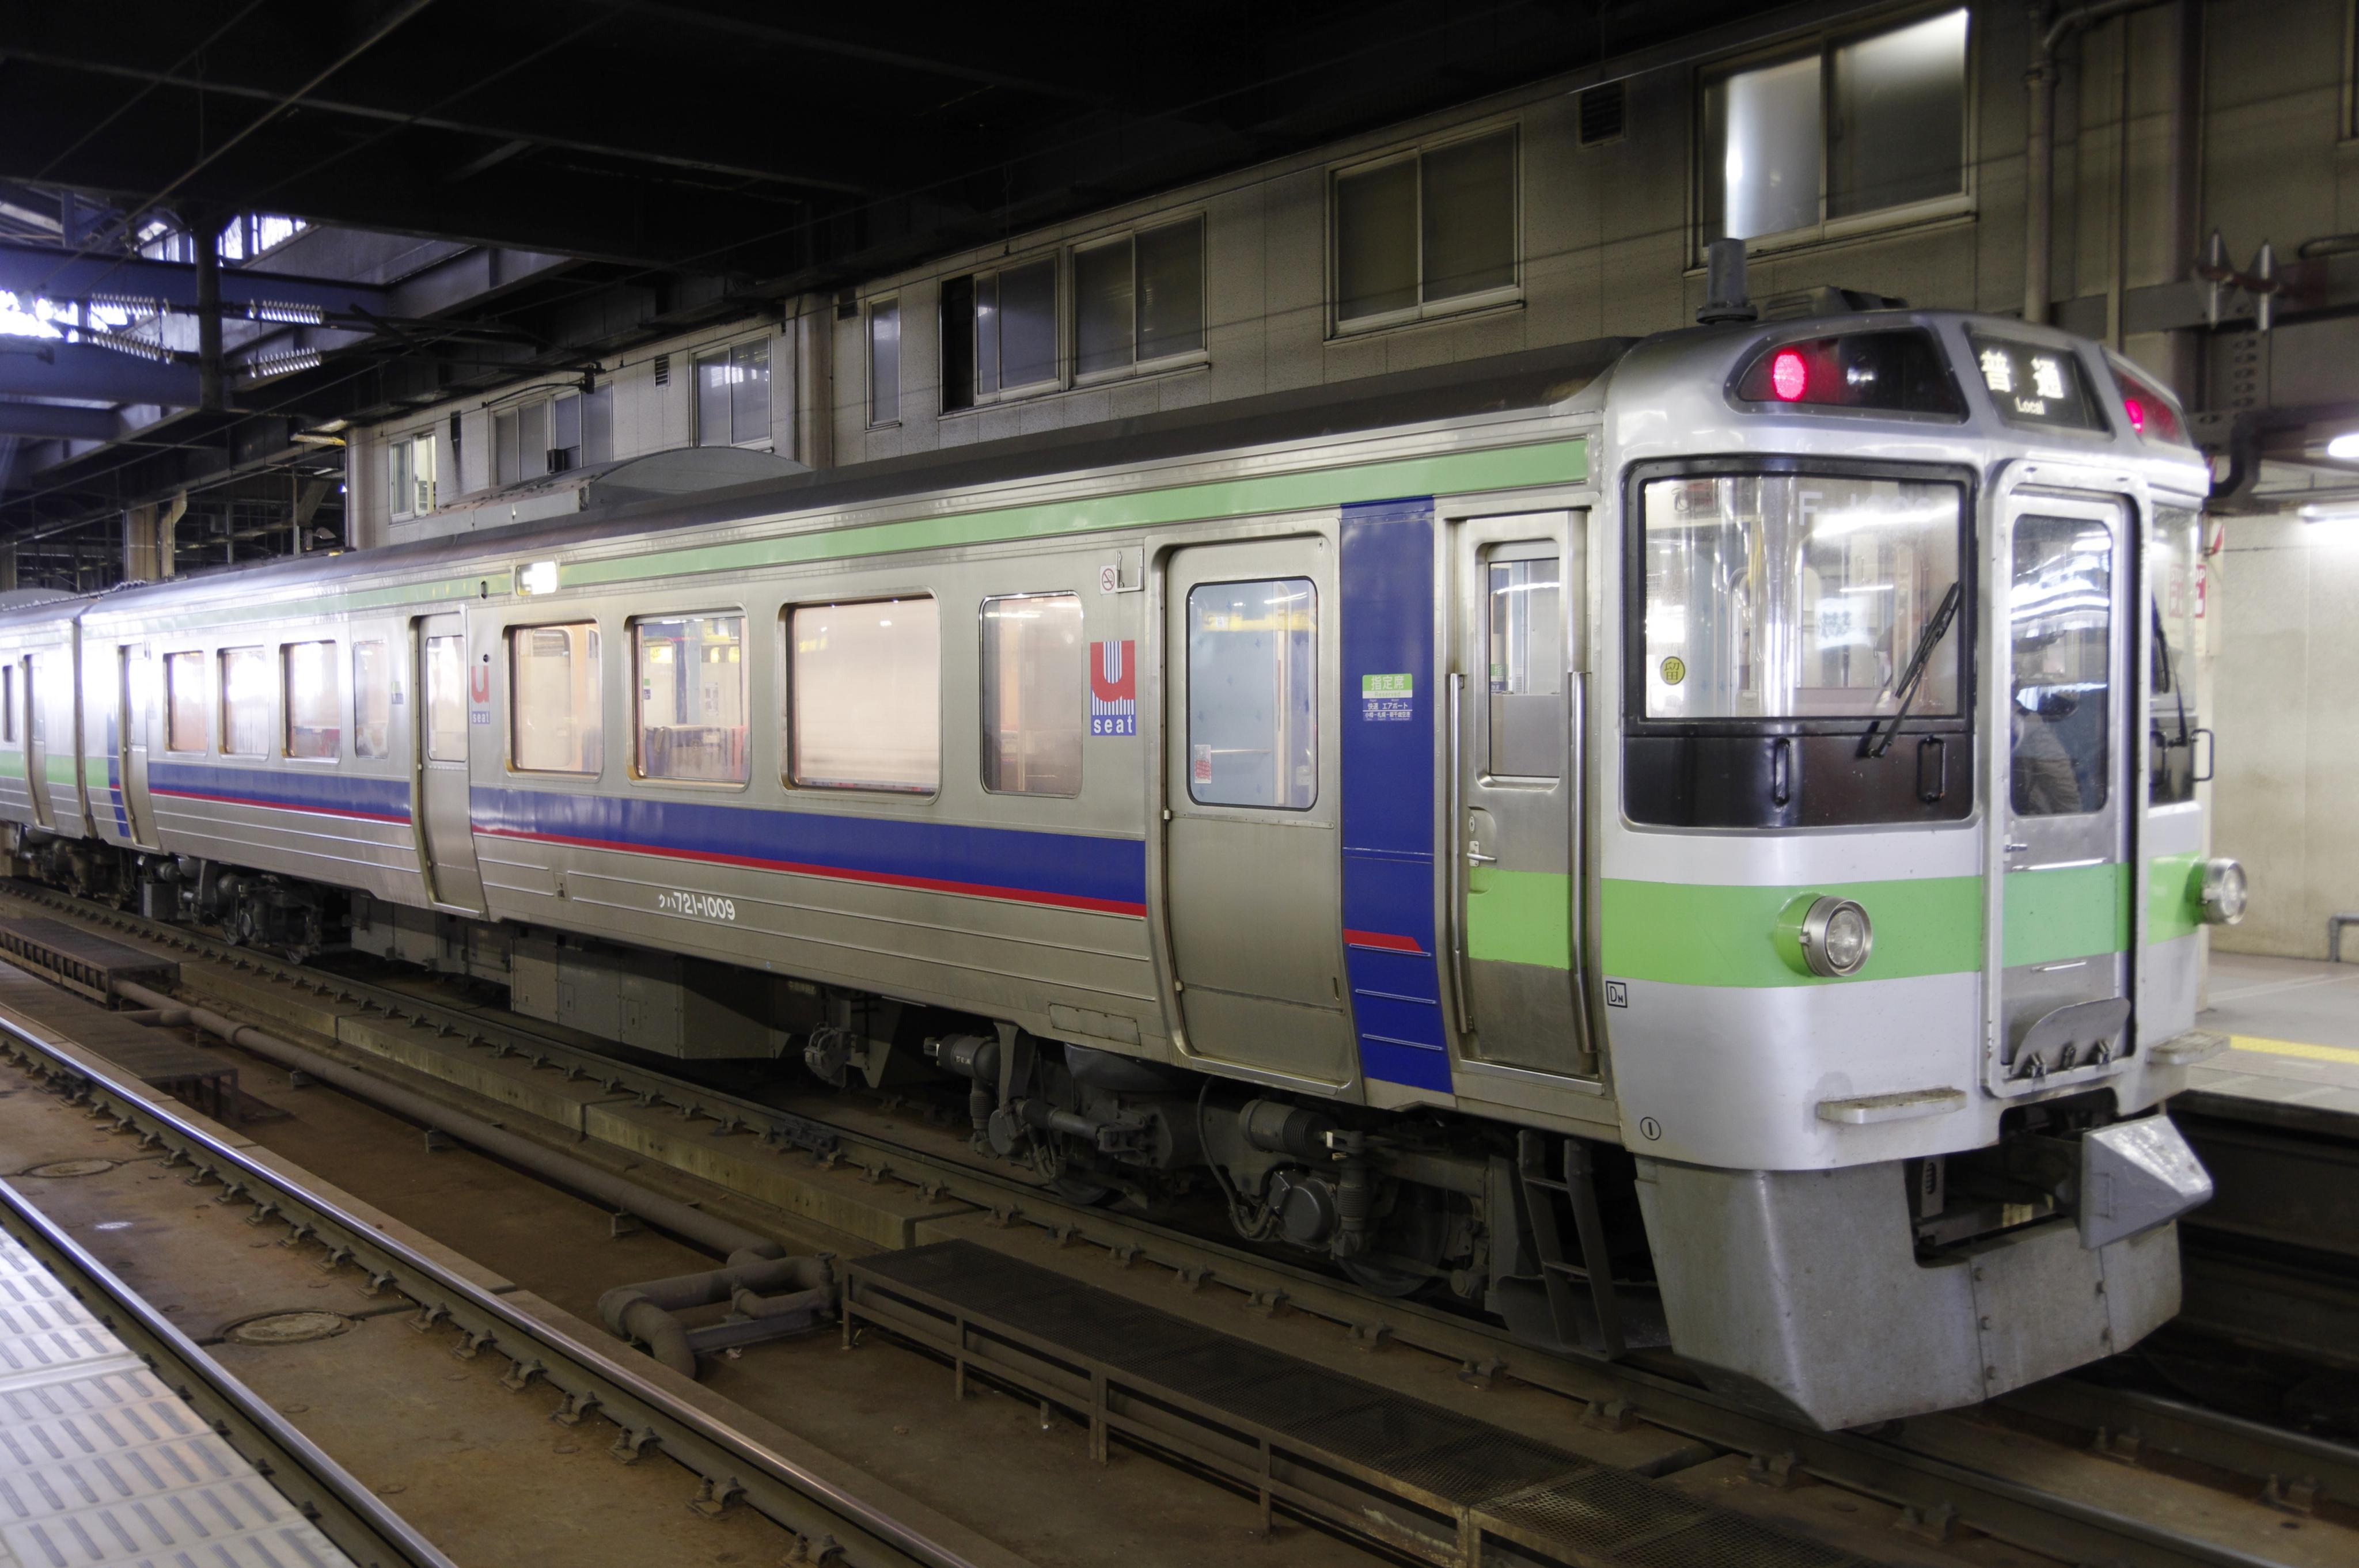 札幌駅 721系F1009編成 クハ721-1009_180520.jpg